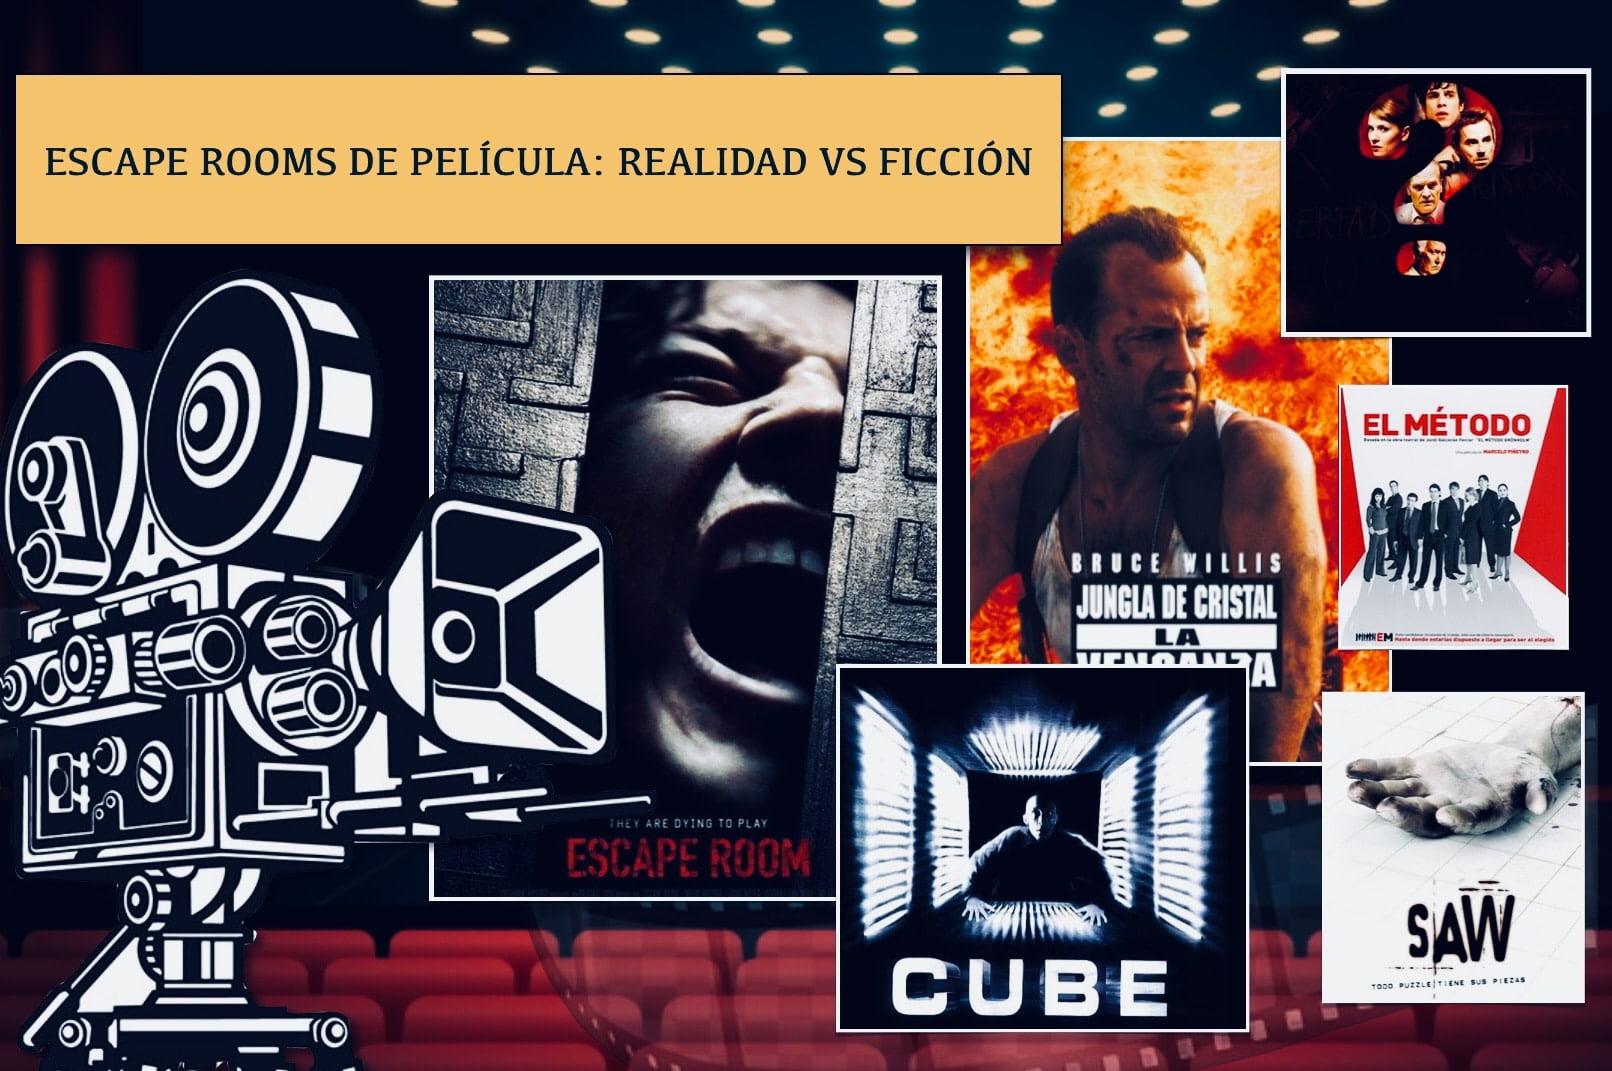 Películas de Escape Room portada